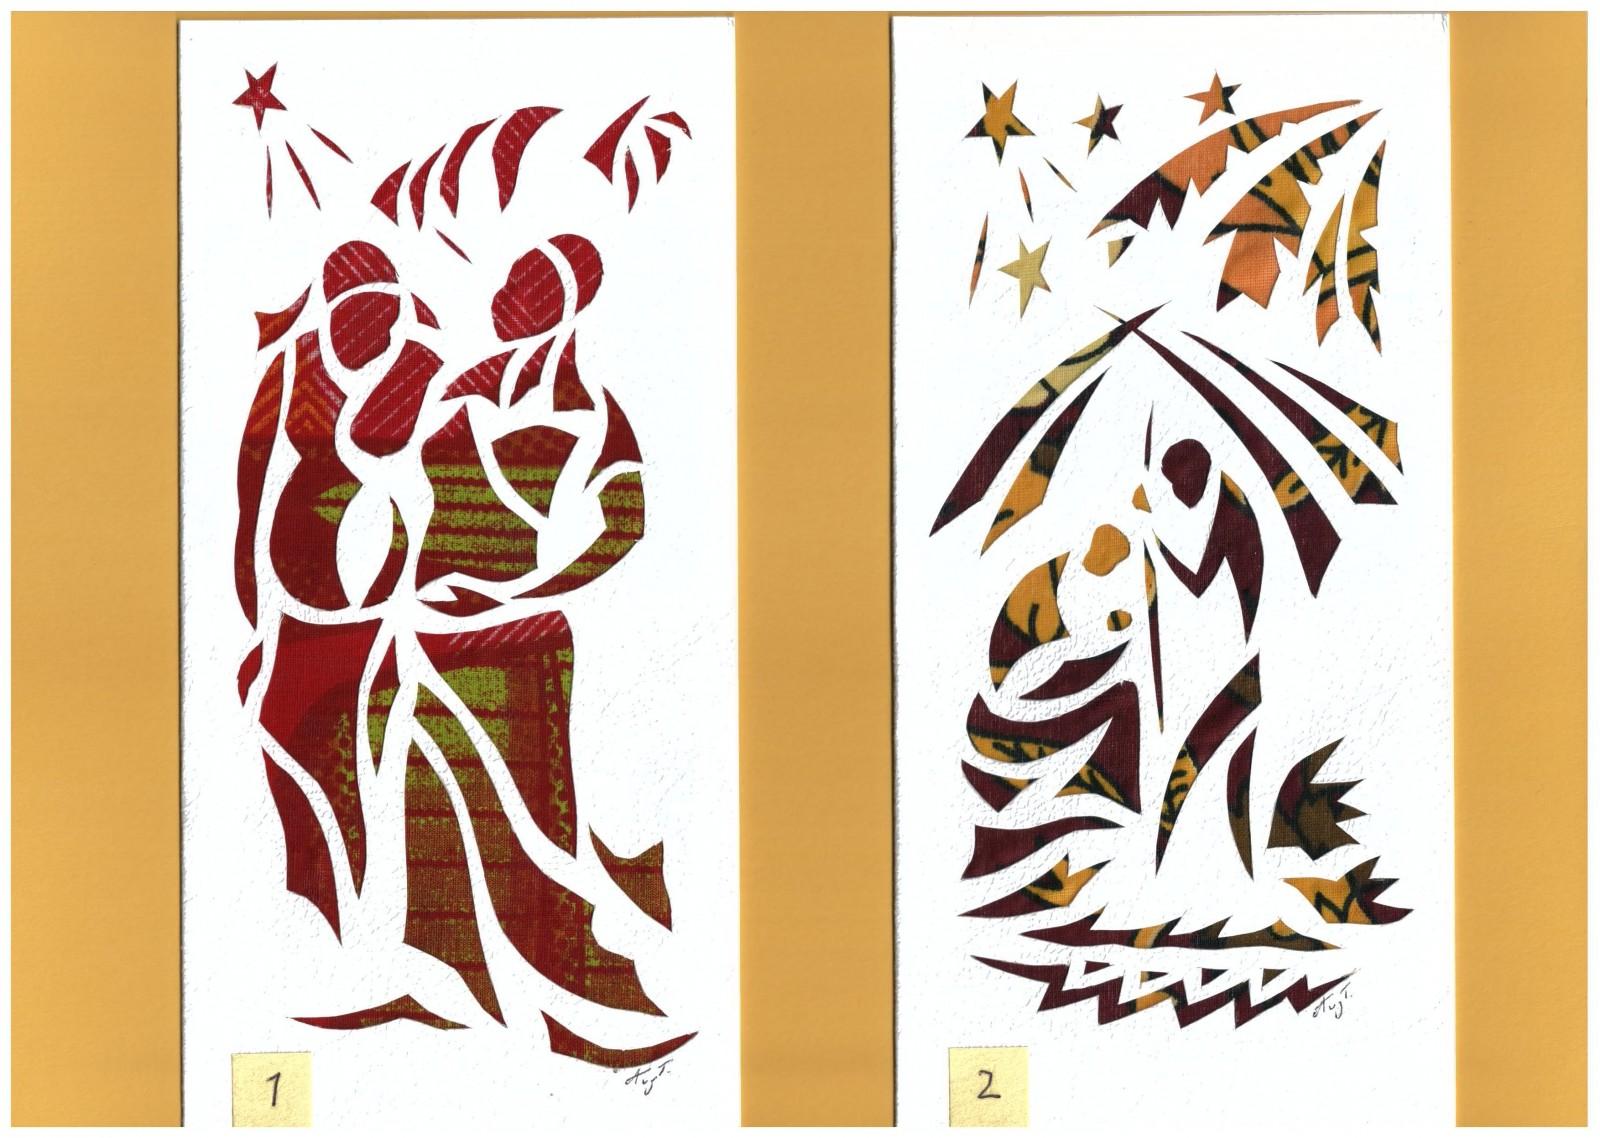 Weihnachtskarten Foto Bestellen.Hallo Kongo E V Weihnachtskarten Aus Dem Kongo